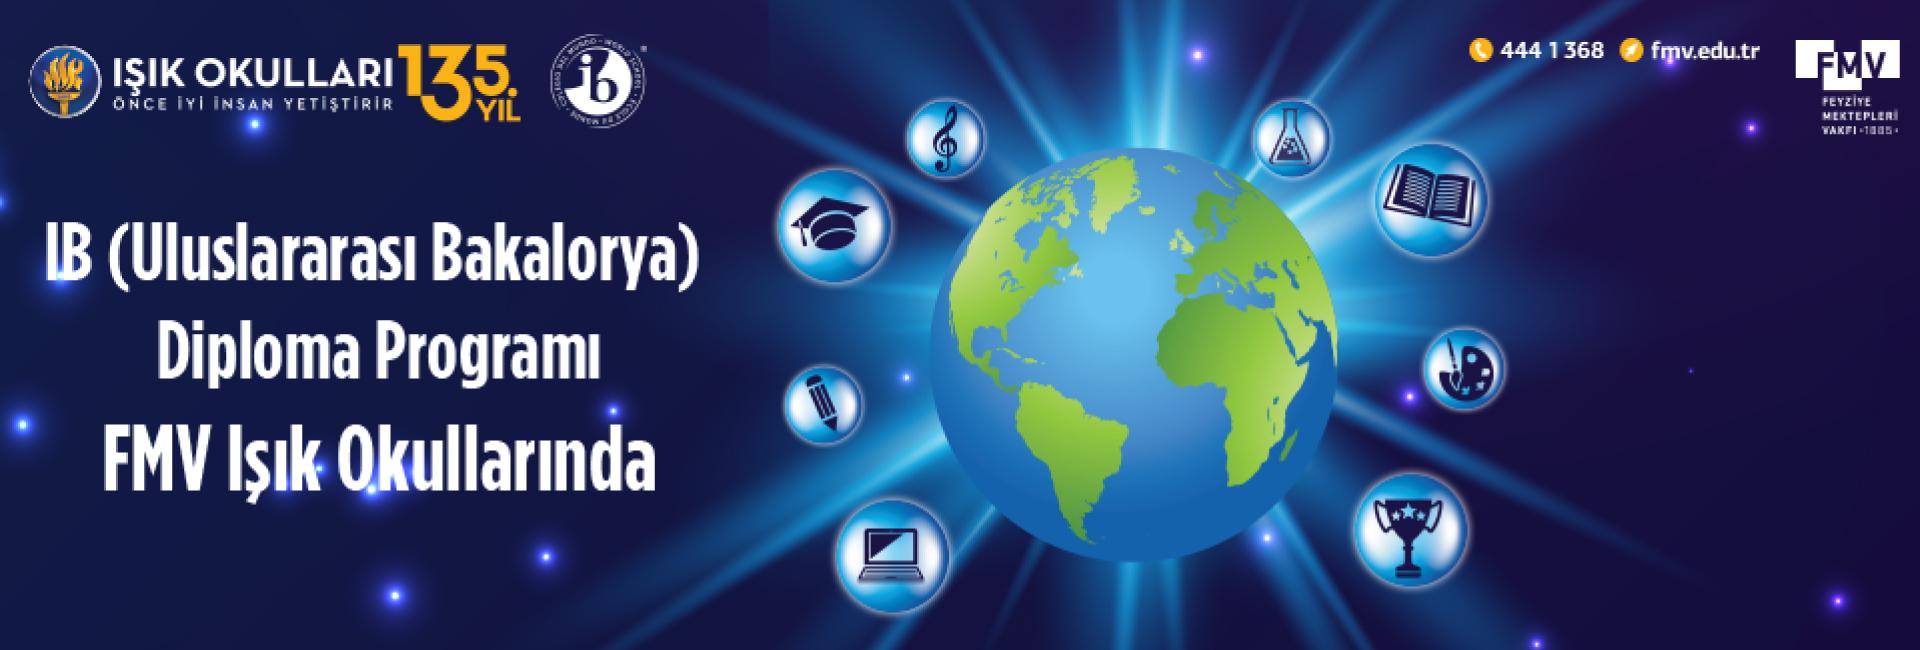 IB Diploma Programı FMV Işık Okullarında